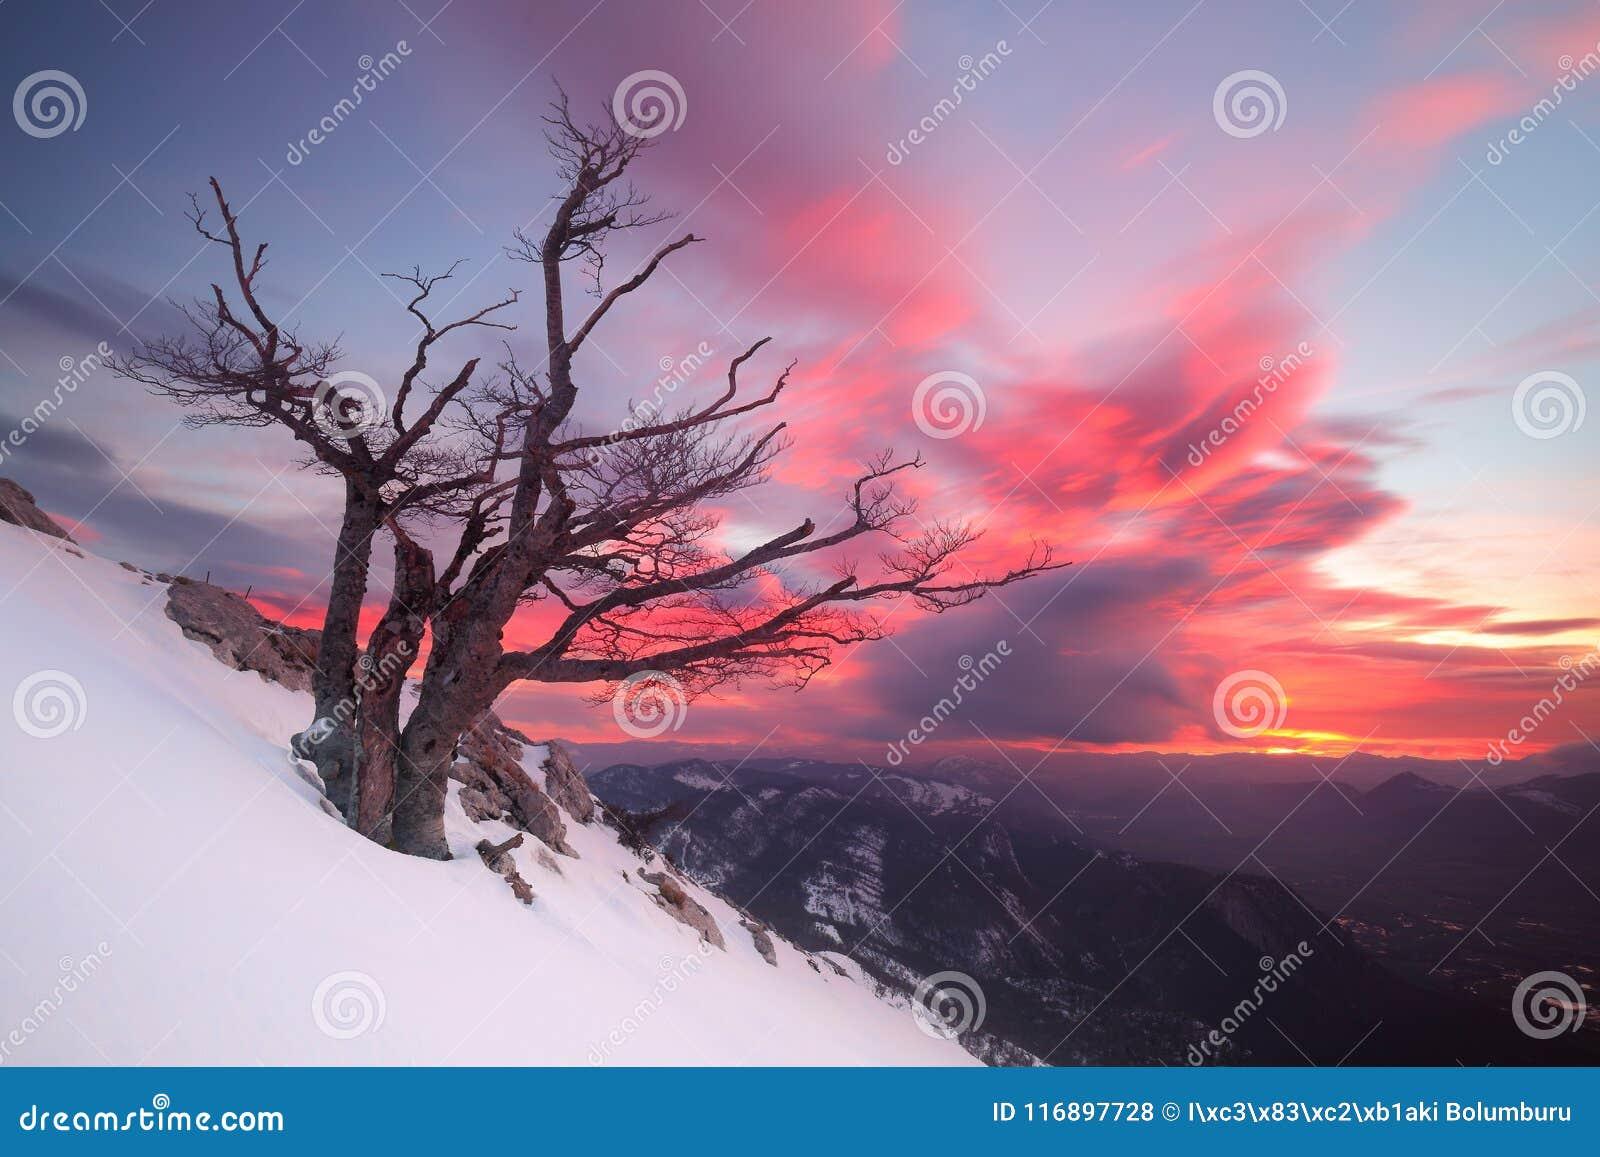 Mooie zonsopgang over een solitaire boom in de sneeuw